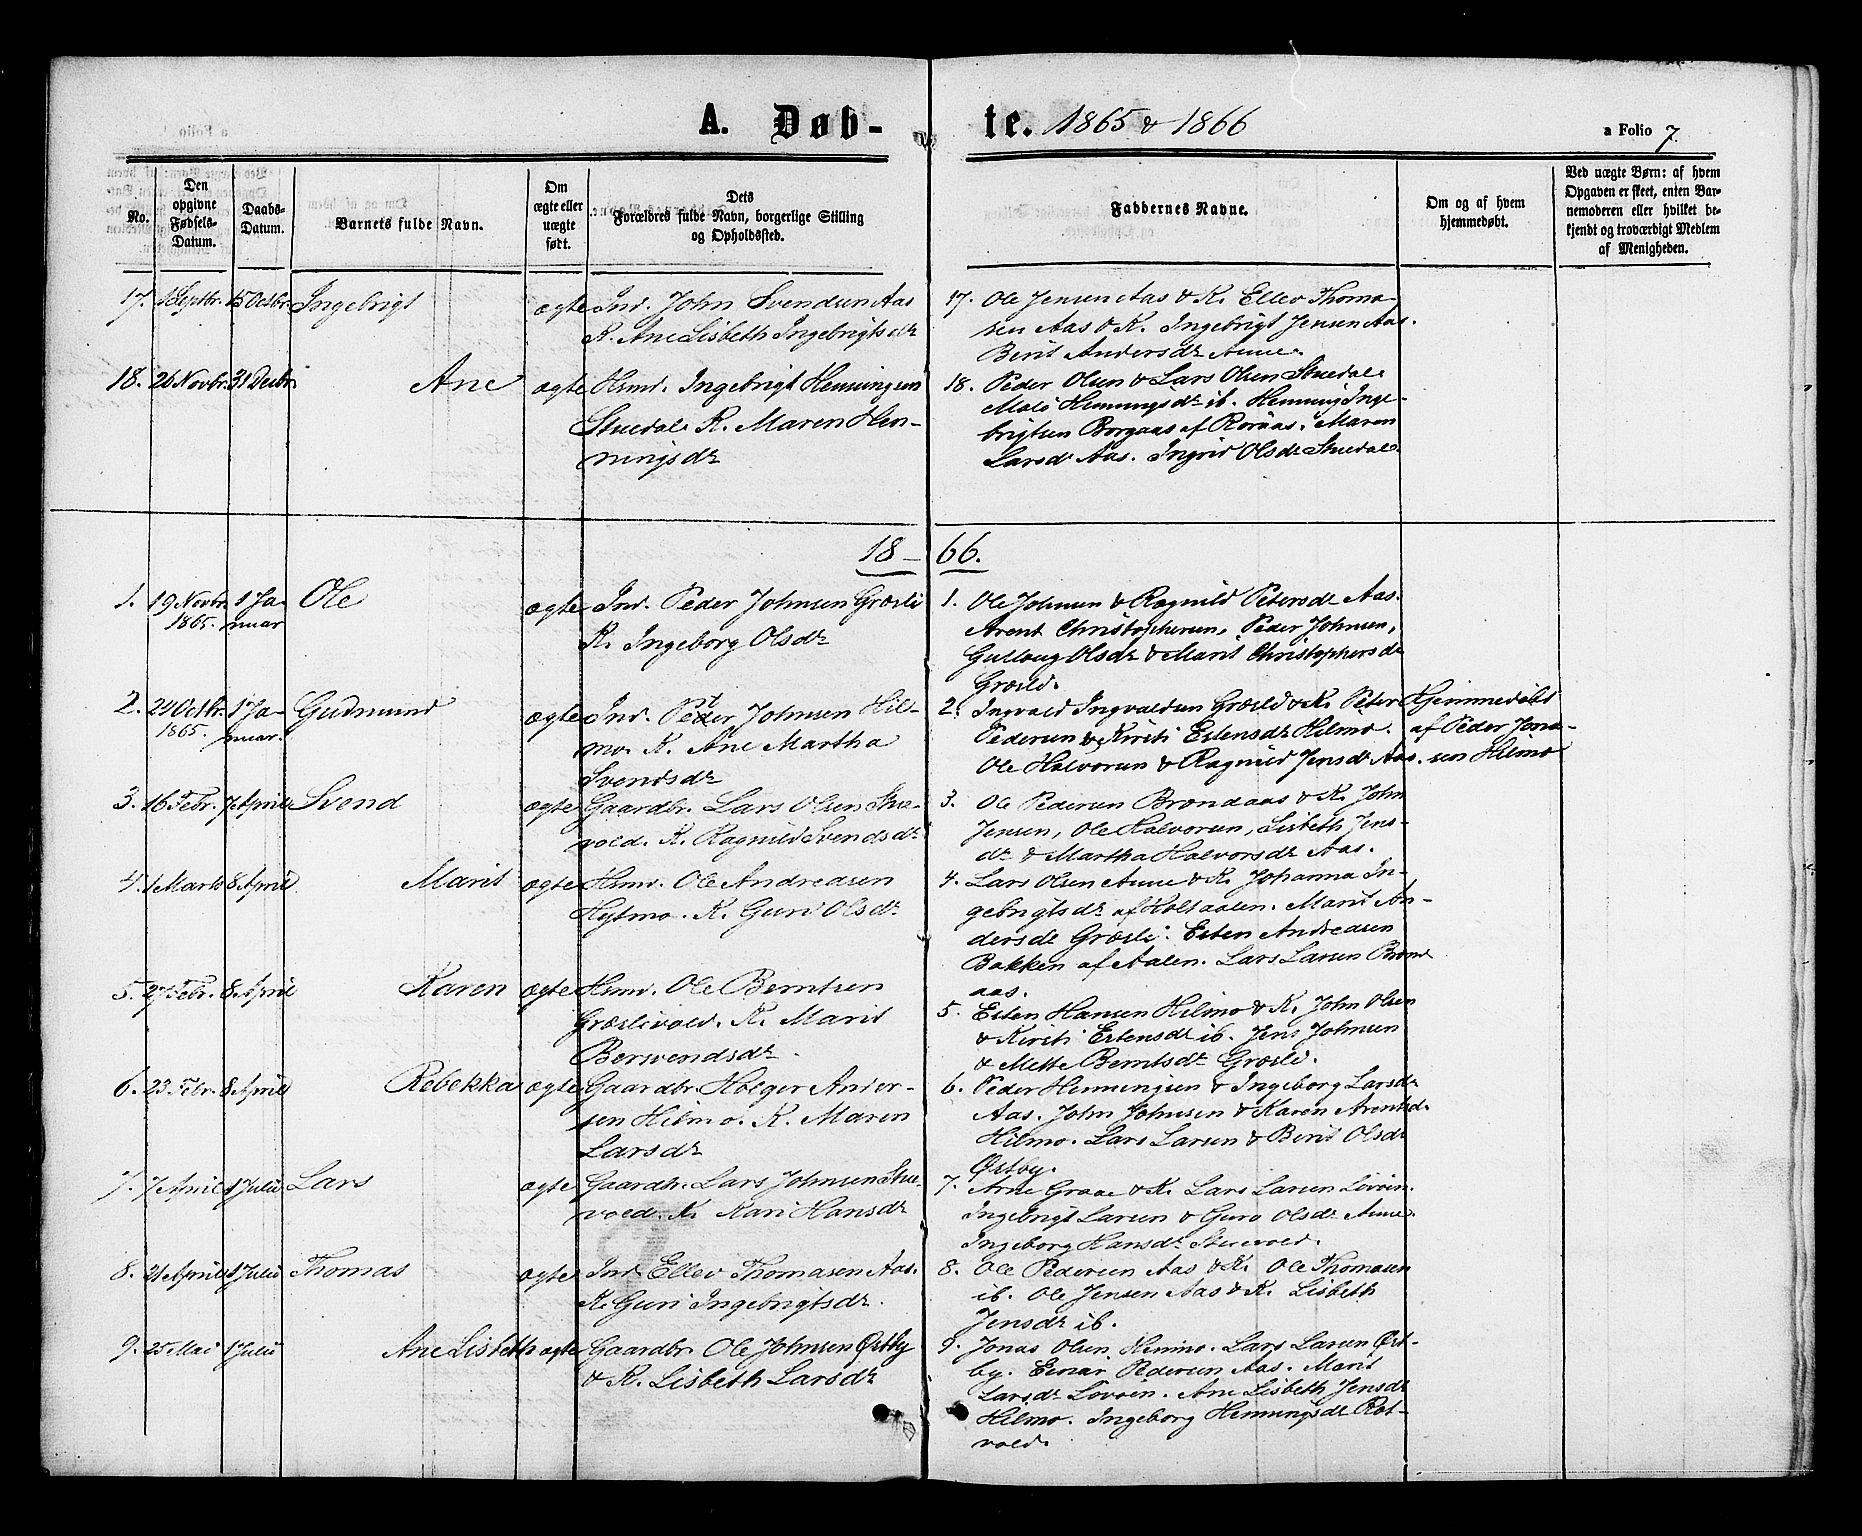 SAT, Ministerialprotokoller, klokkerbøker og fødselsregistre - Sør-Trøndelag, 698/L1163: Ministerialbok nr. 698A01, 1862-1887, s. 7